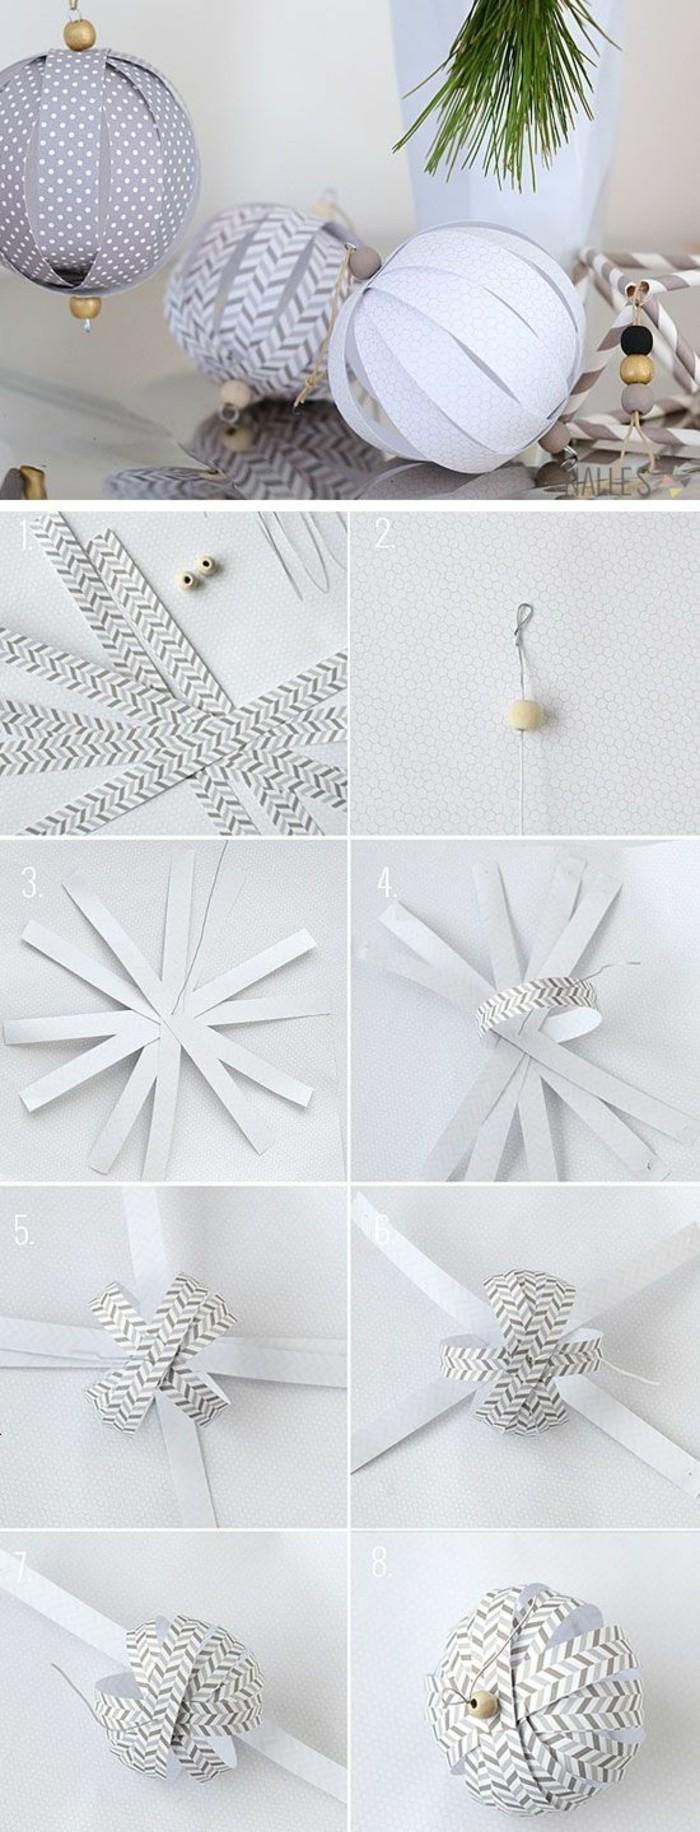 weihnachtendekoration-selber-machen-weihnachtsdeko-ideen-weihnachtsschmuck-aus-papier-basteln